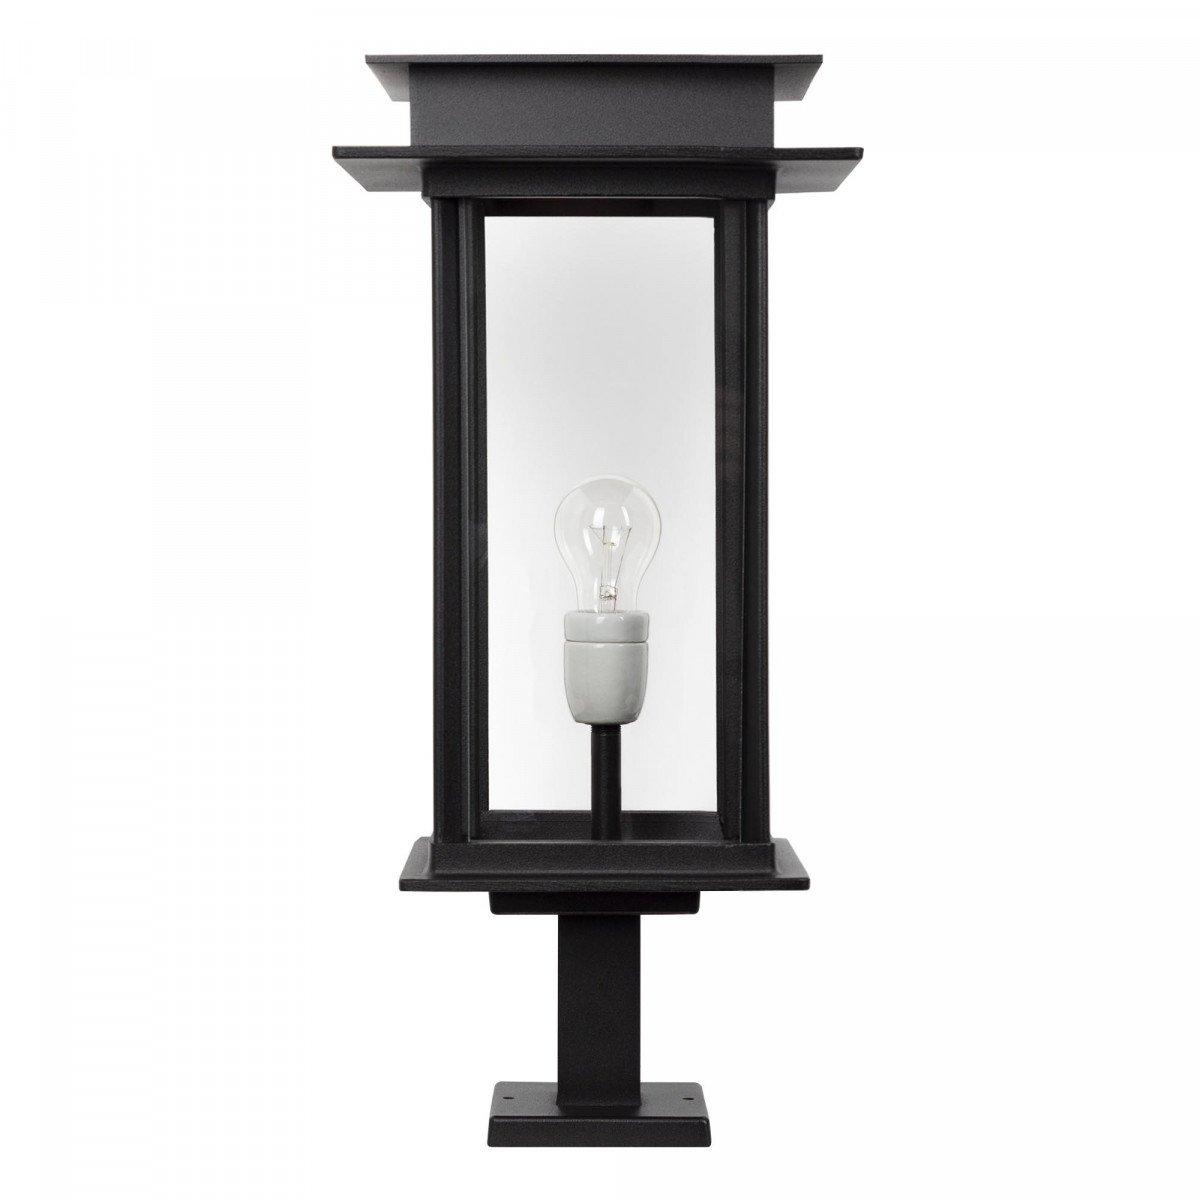 Buitenlamp Praag XL sokkel, prachtige strak klassiek tijdloze unieke buitenverlichting op een voet, stijlvol vormgegeven buitenverlichting en tuinverlichting van KS Verlichting, kwaliteitsverlichting handmade